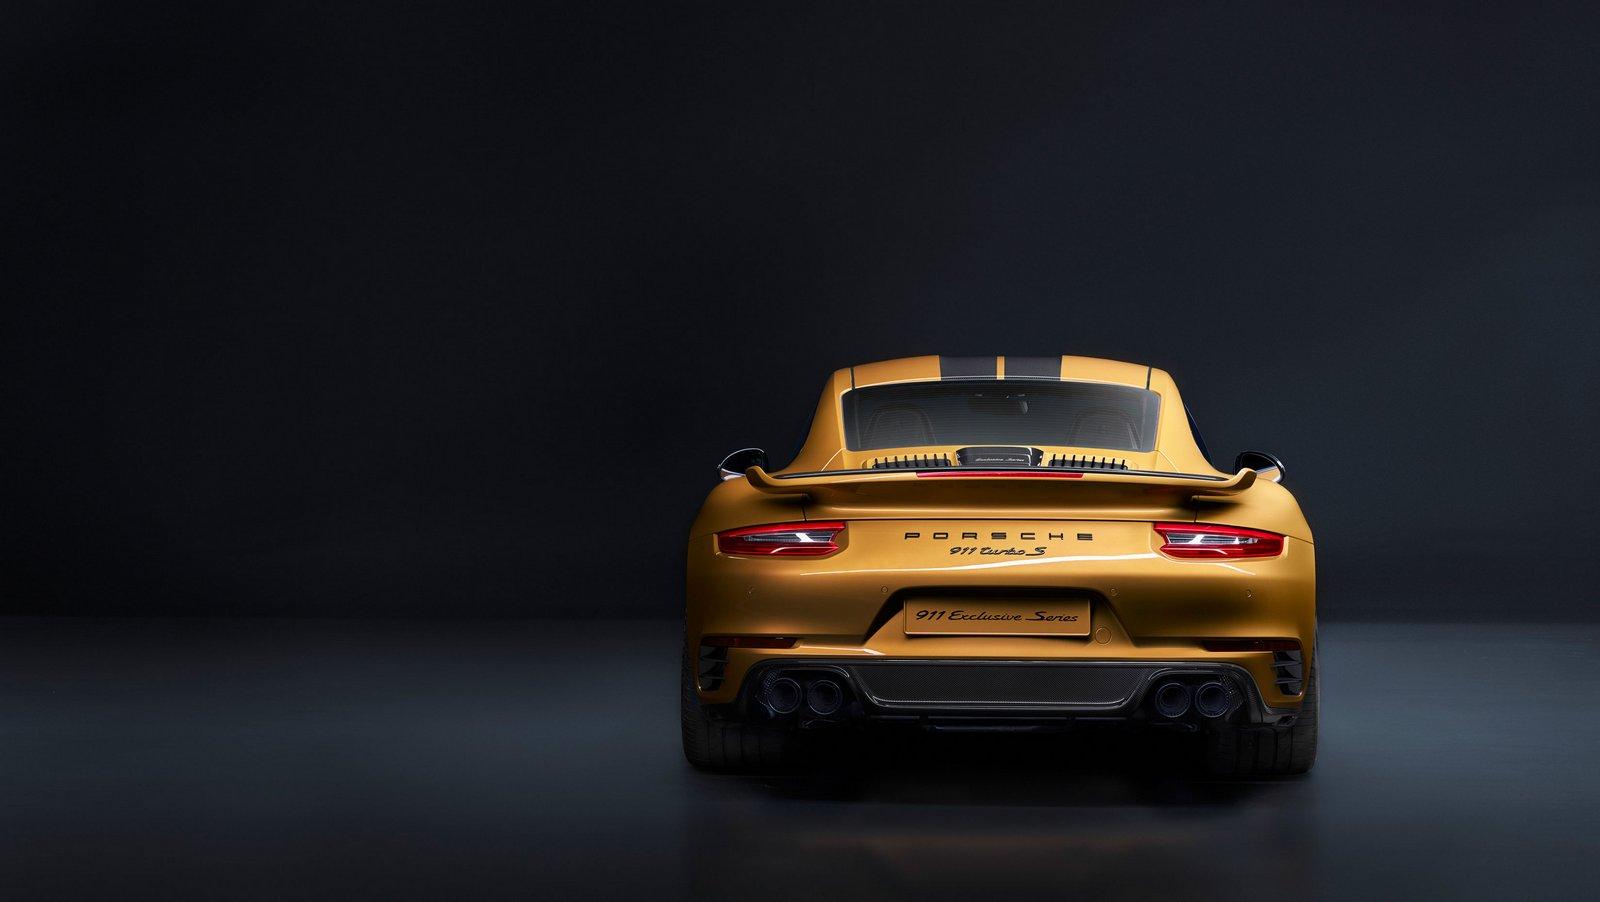 Porsche 911 Turbo S Exclusive Series : 607ch, 500 ex.